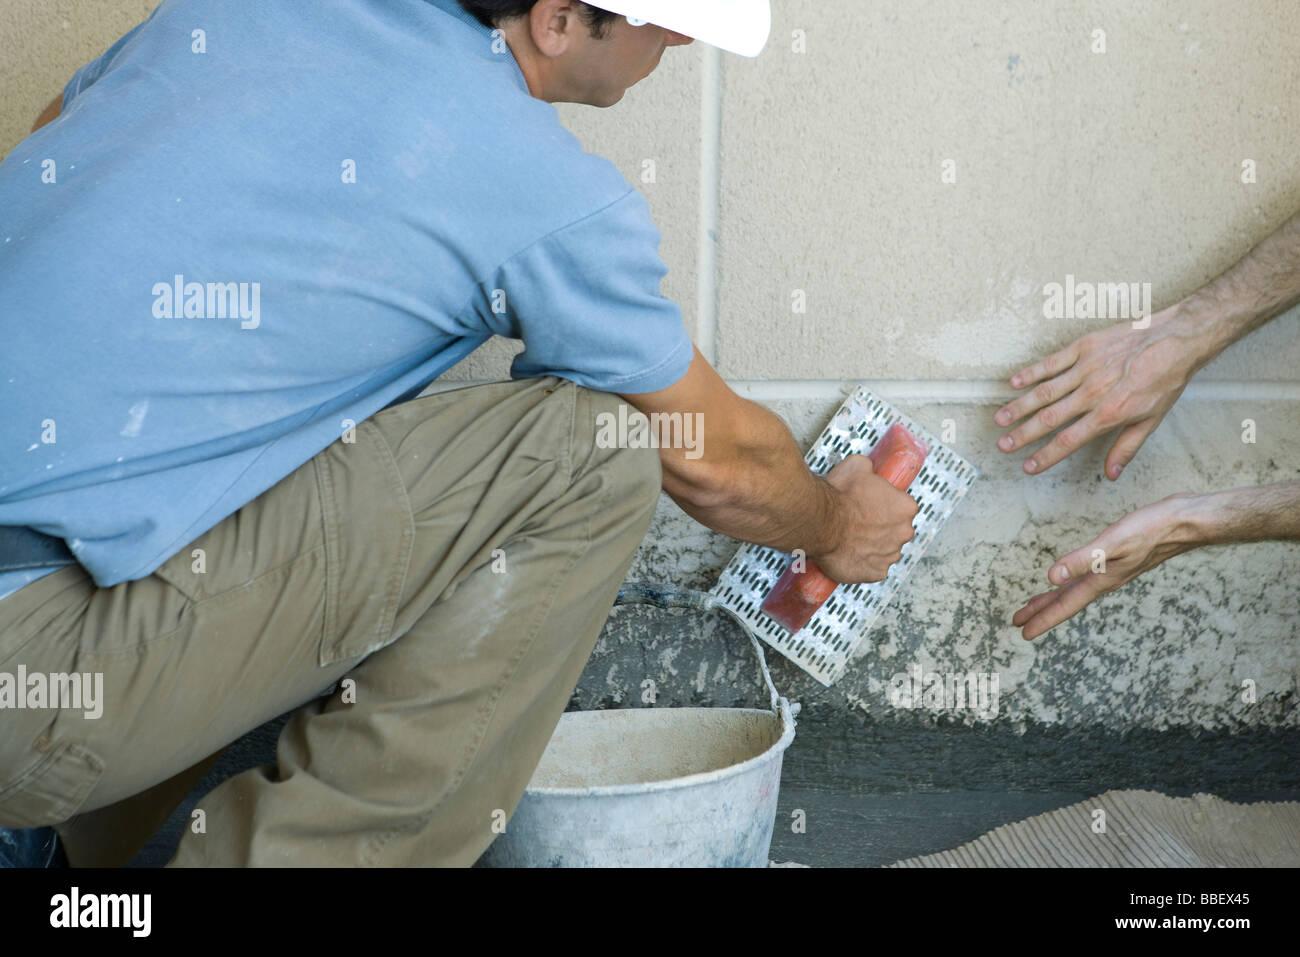 Mason ricevuti indicazioni sulla corretta tecnica di muratura Immagini Stock